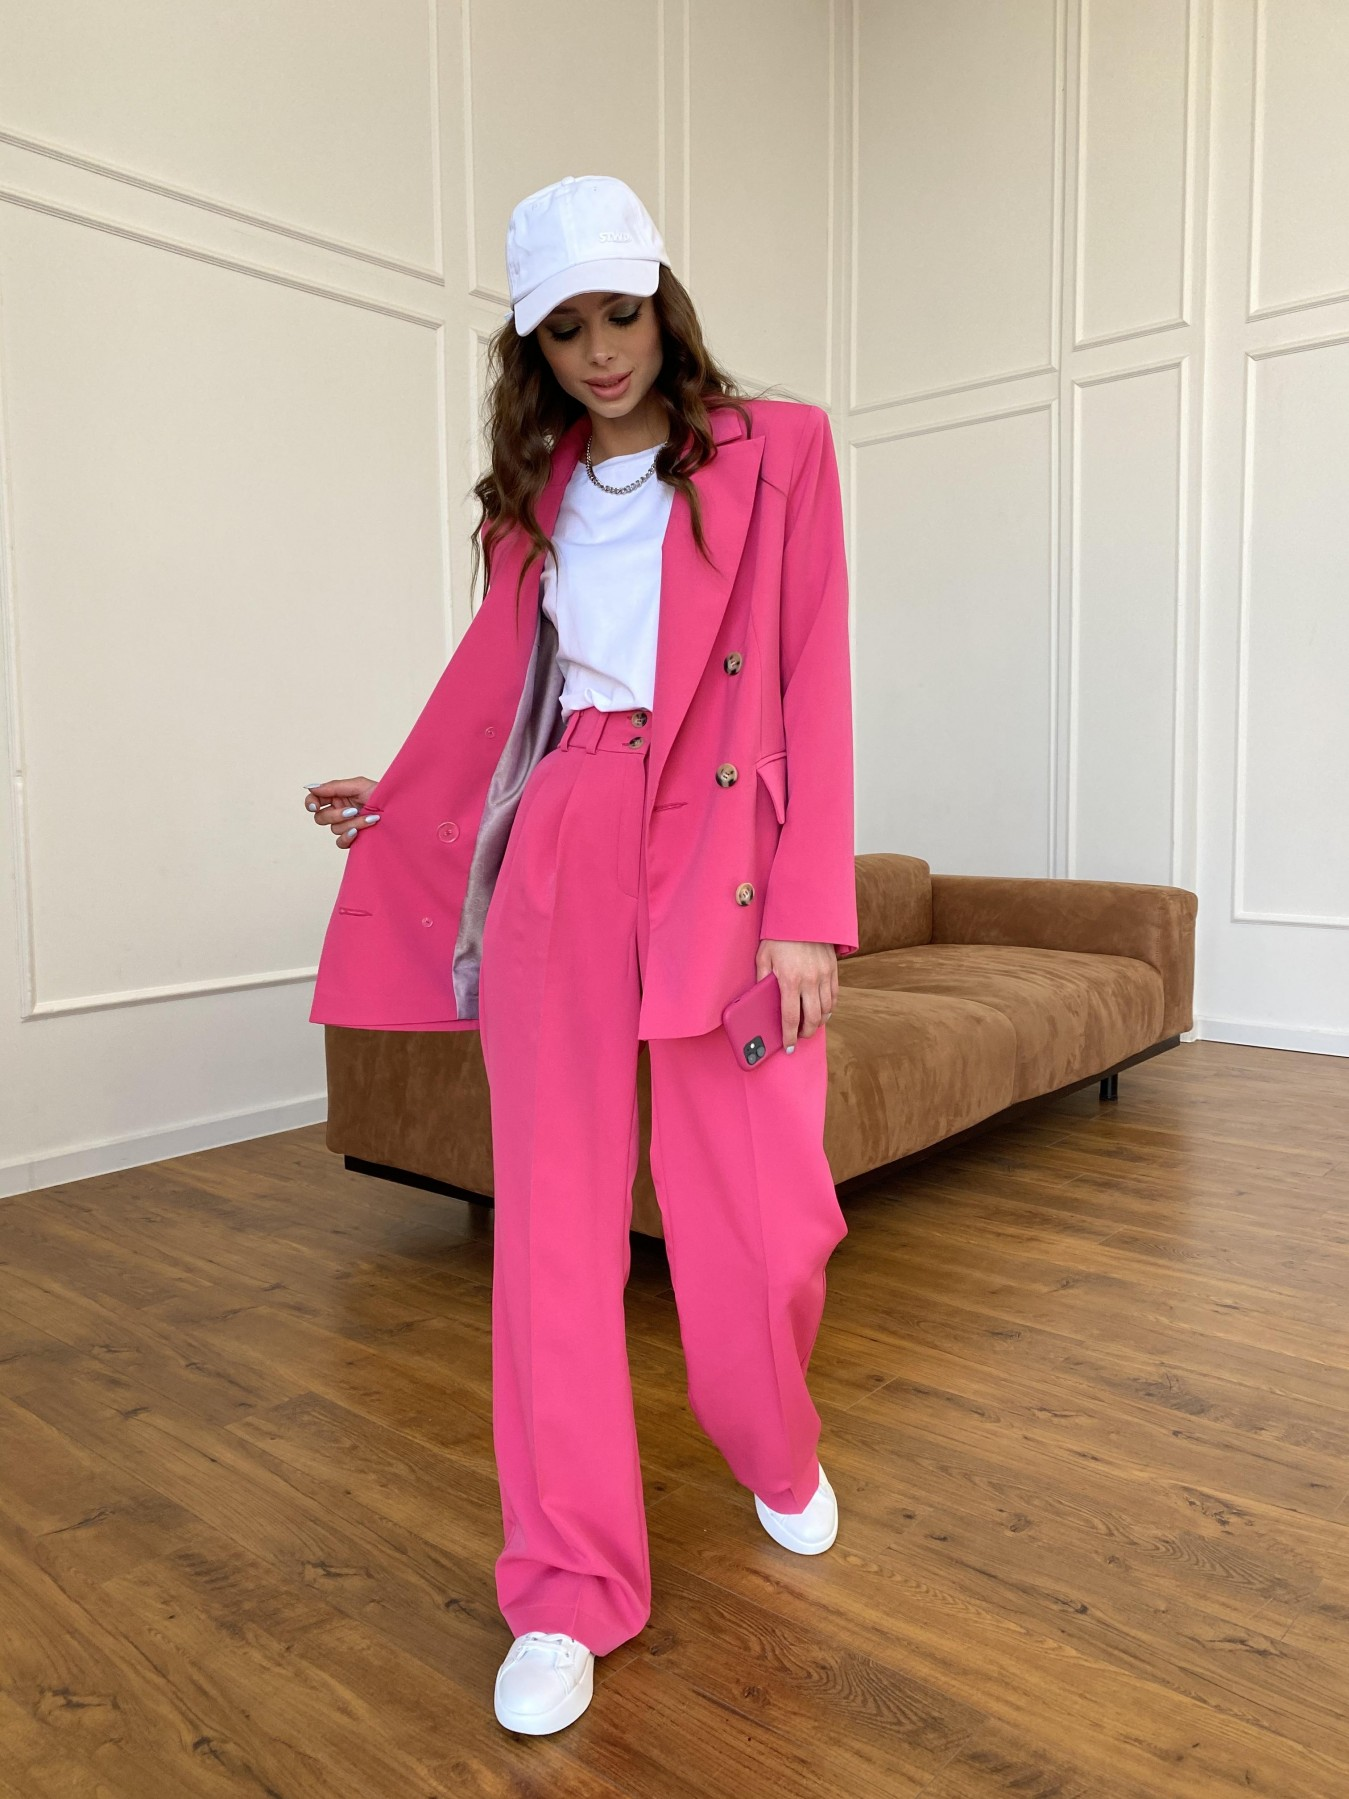 Белисимо  костюм стрейч из костюмной ткани 11217 АРТ. 47720 Цвет: Малиновый - фото 4, интернет магазин tm-modus.ru